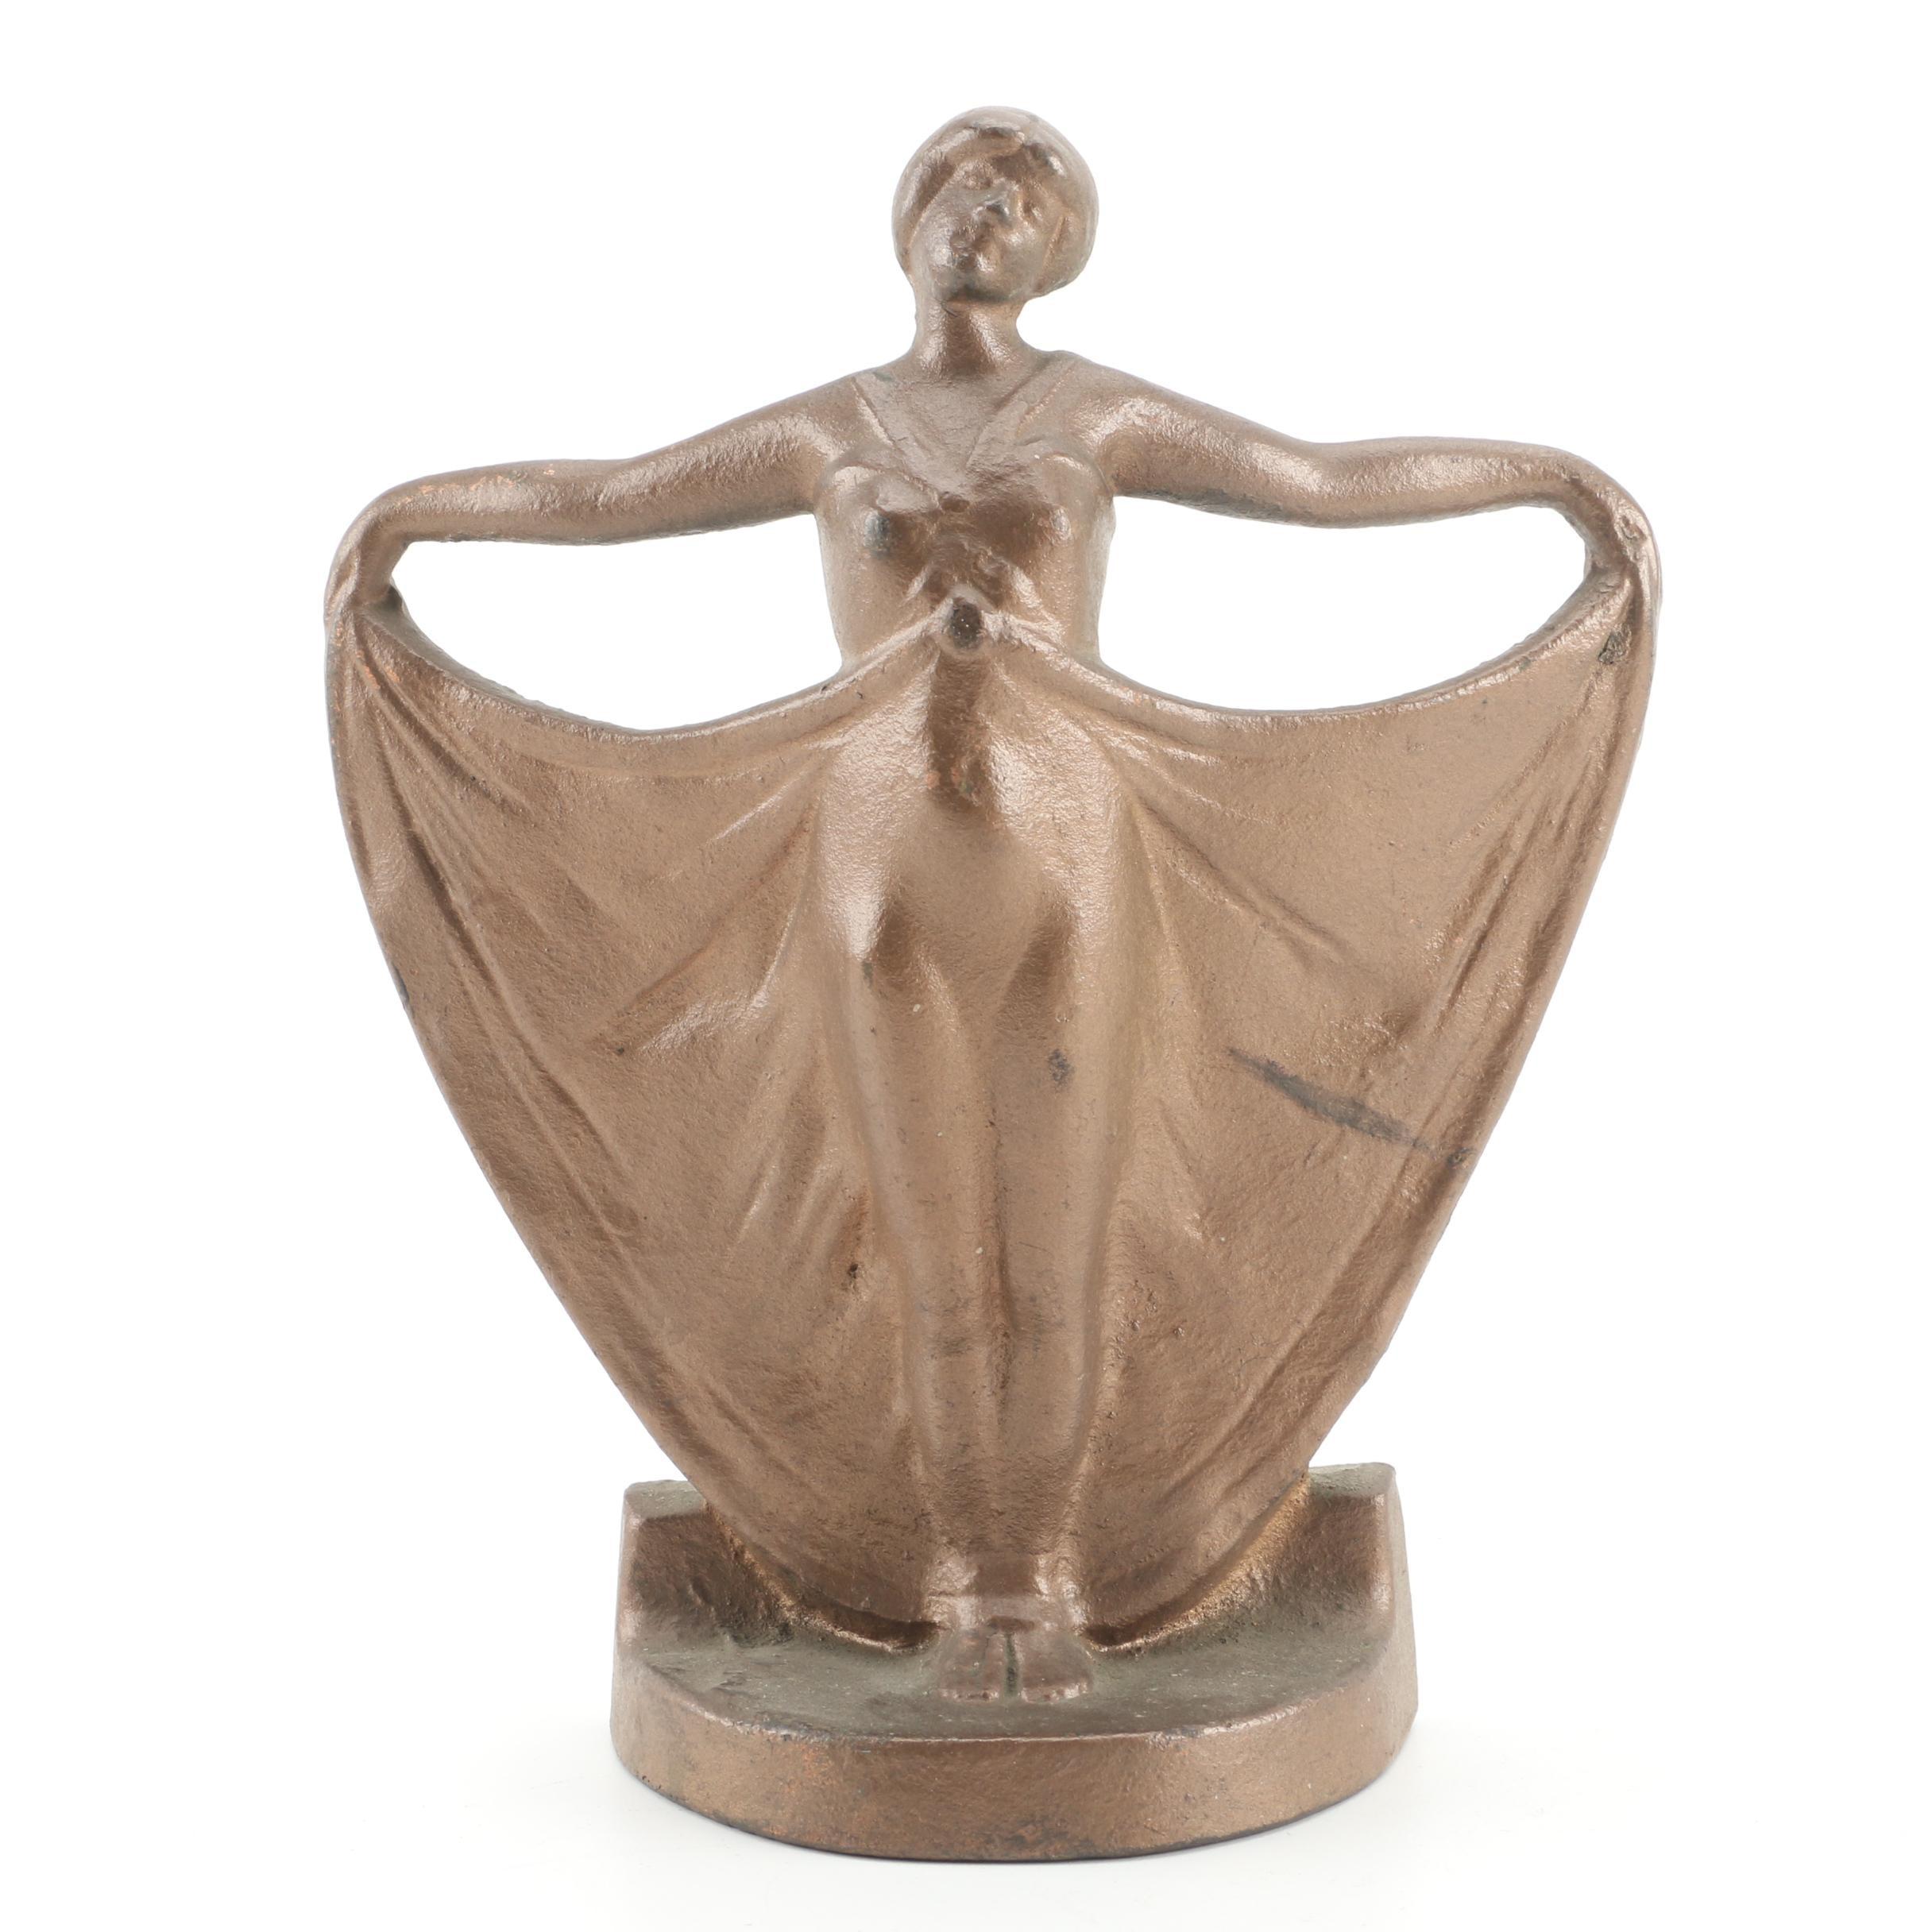 Judd Company Art Deco Dancing Woman Cast Iron Doorstop ...